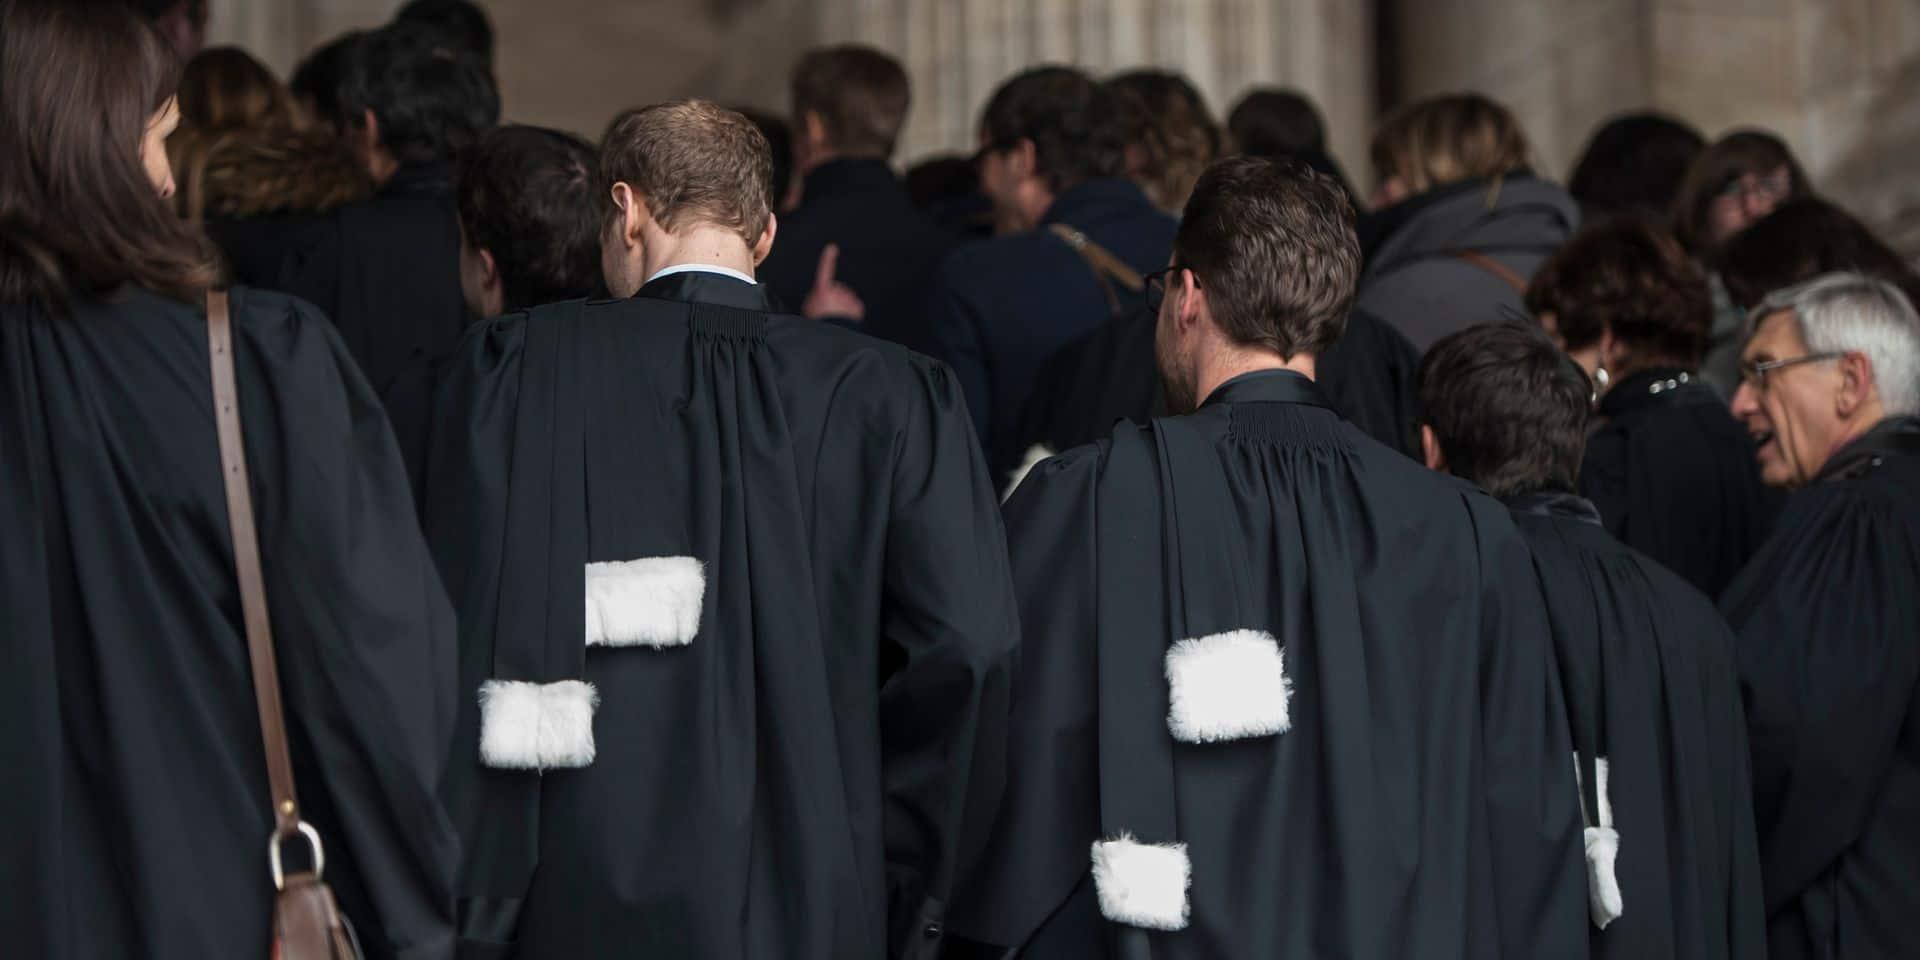 Les avocats attaquent l'Etat belge contre le manque de moyens de la justice